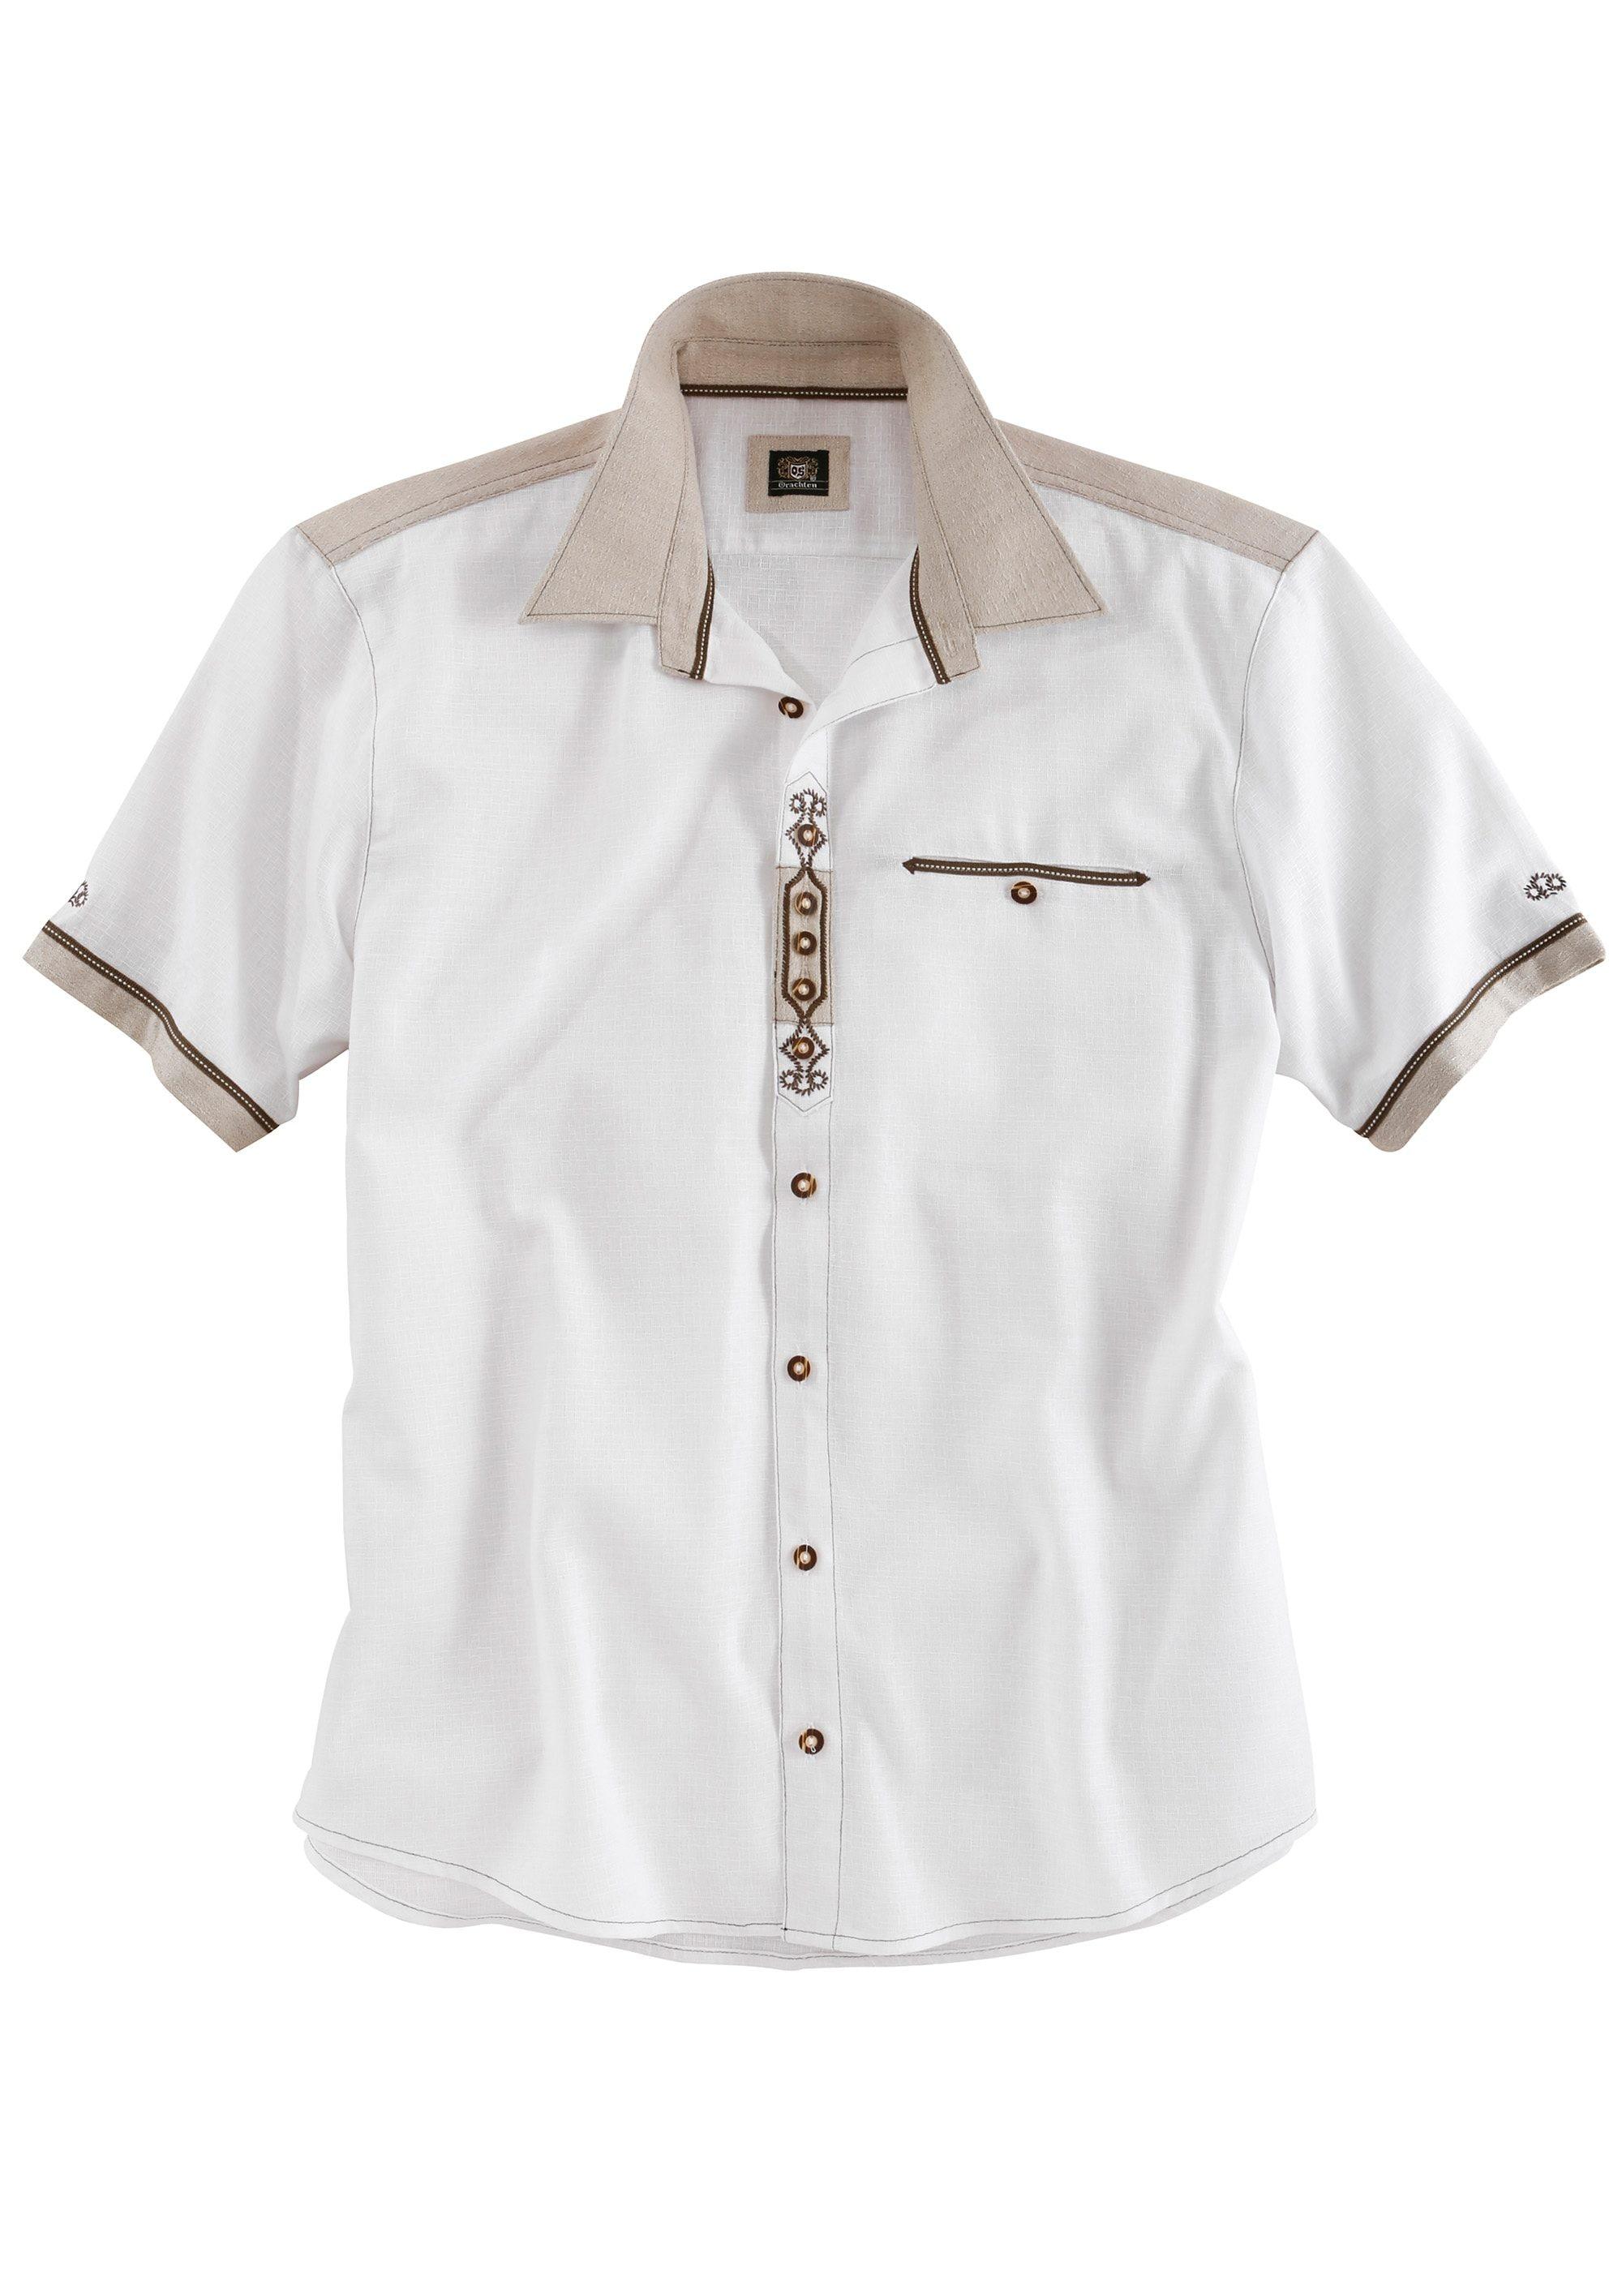 OS-Trachten Trachtenhemd in Leinenoptik | Bekleidung > Hemden > Trachtenhemden | Weiß | Os-Trachten